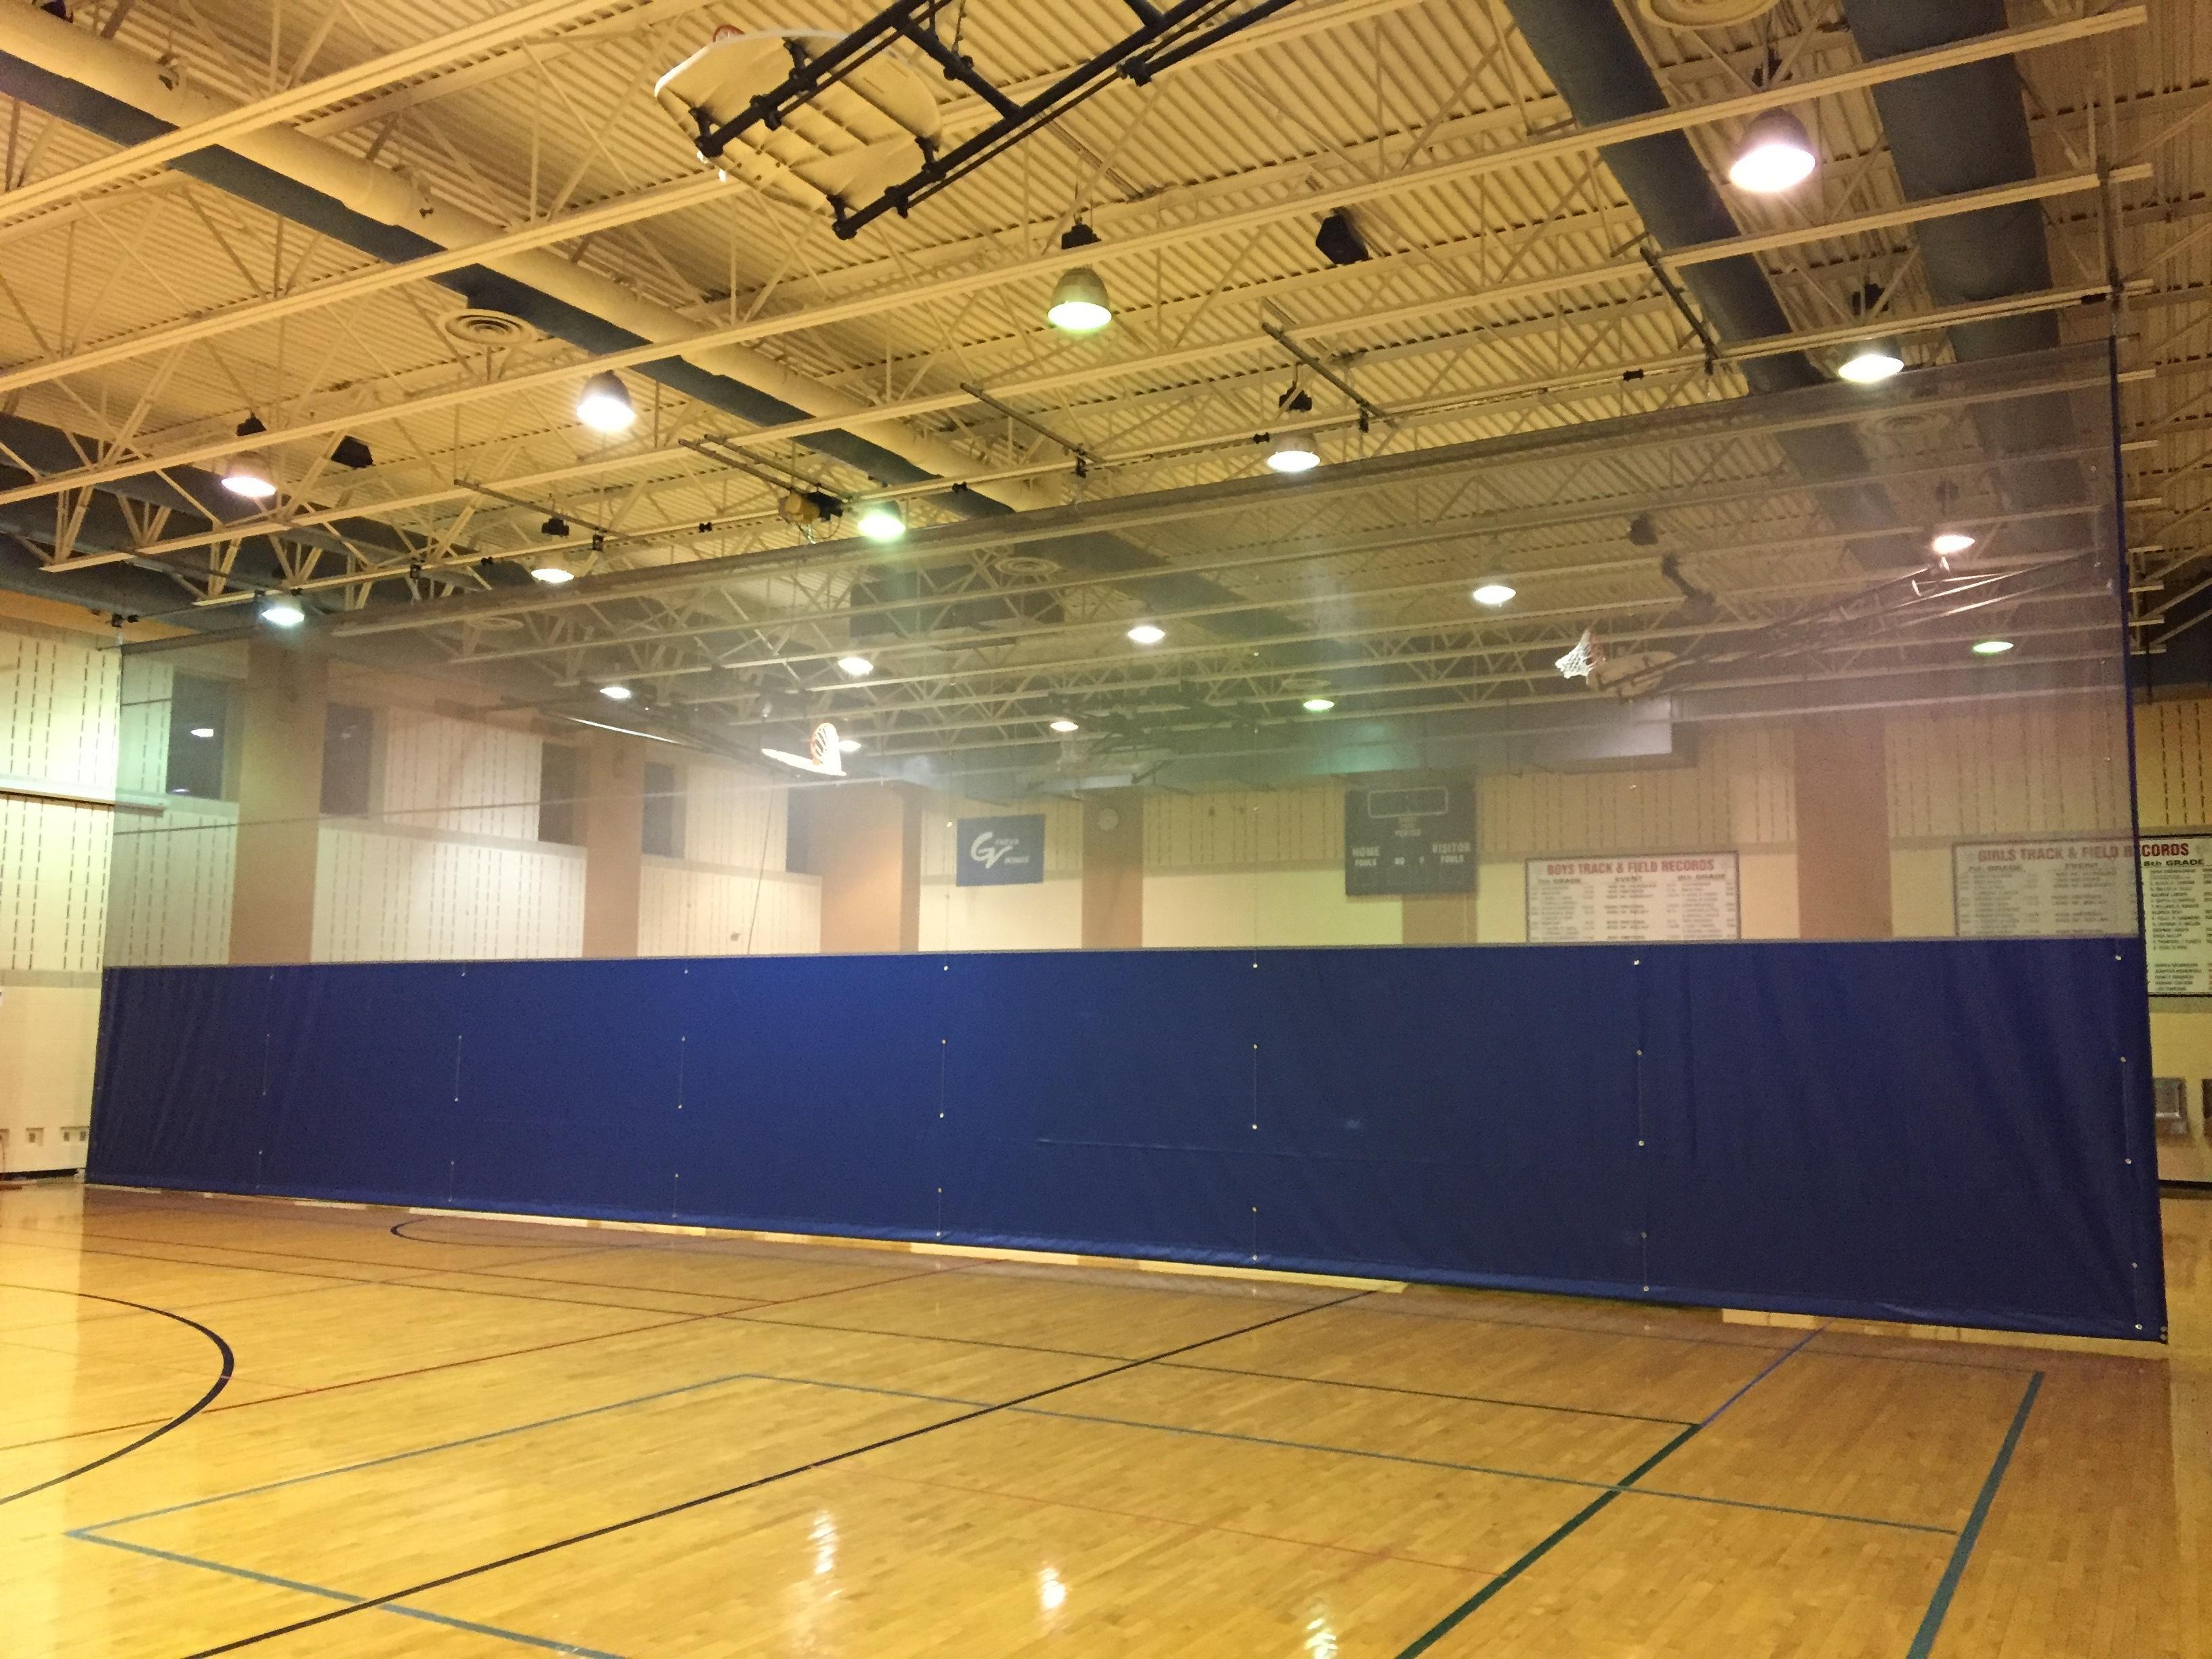 Gymnasium Divider Curtain Installation